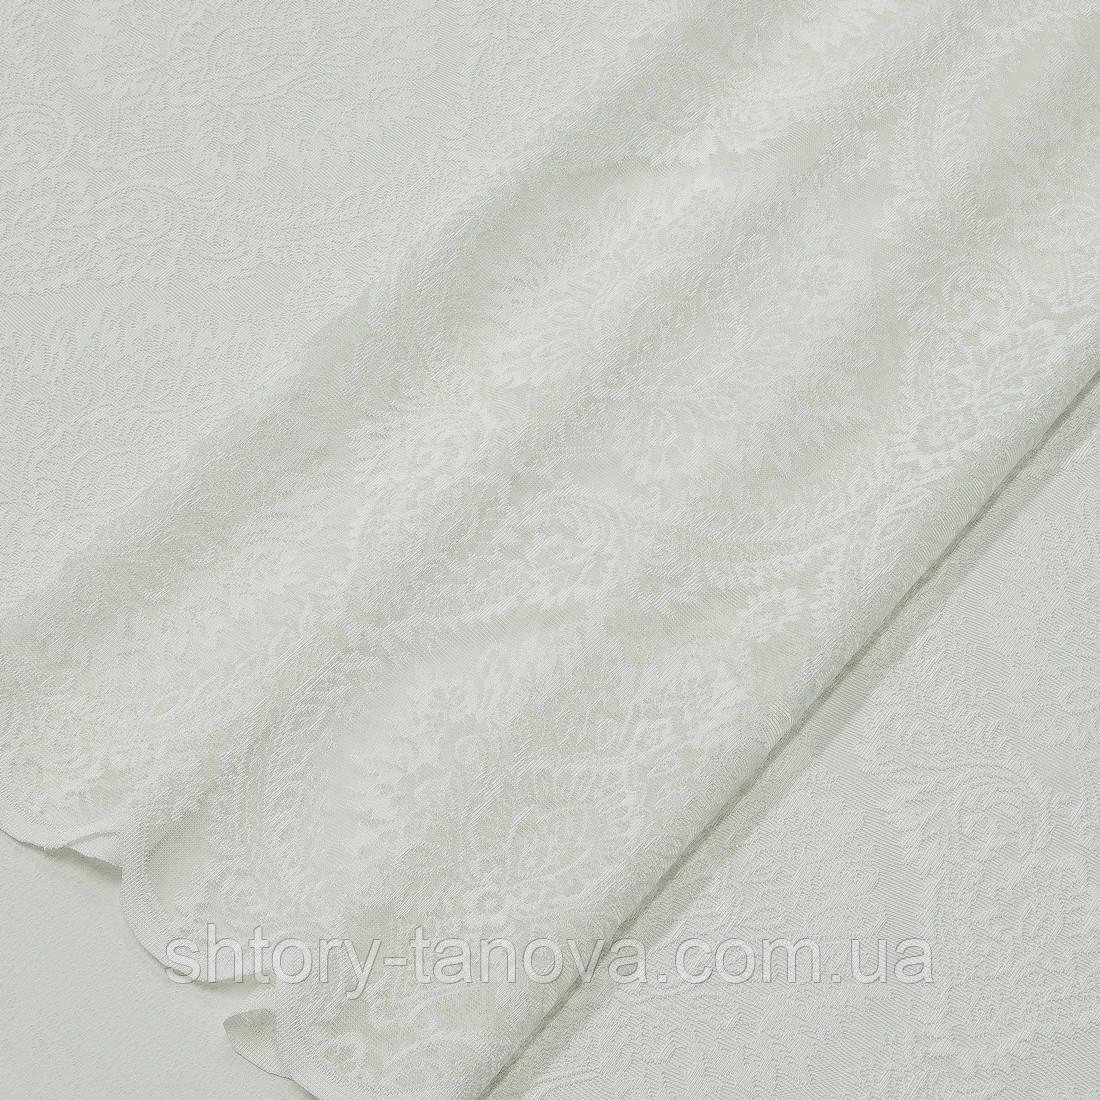 Гардинное полетно гипюр алюр молочный